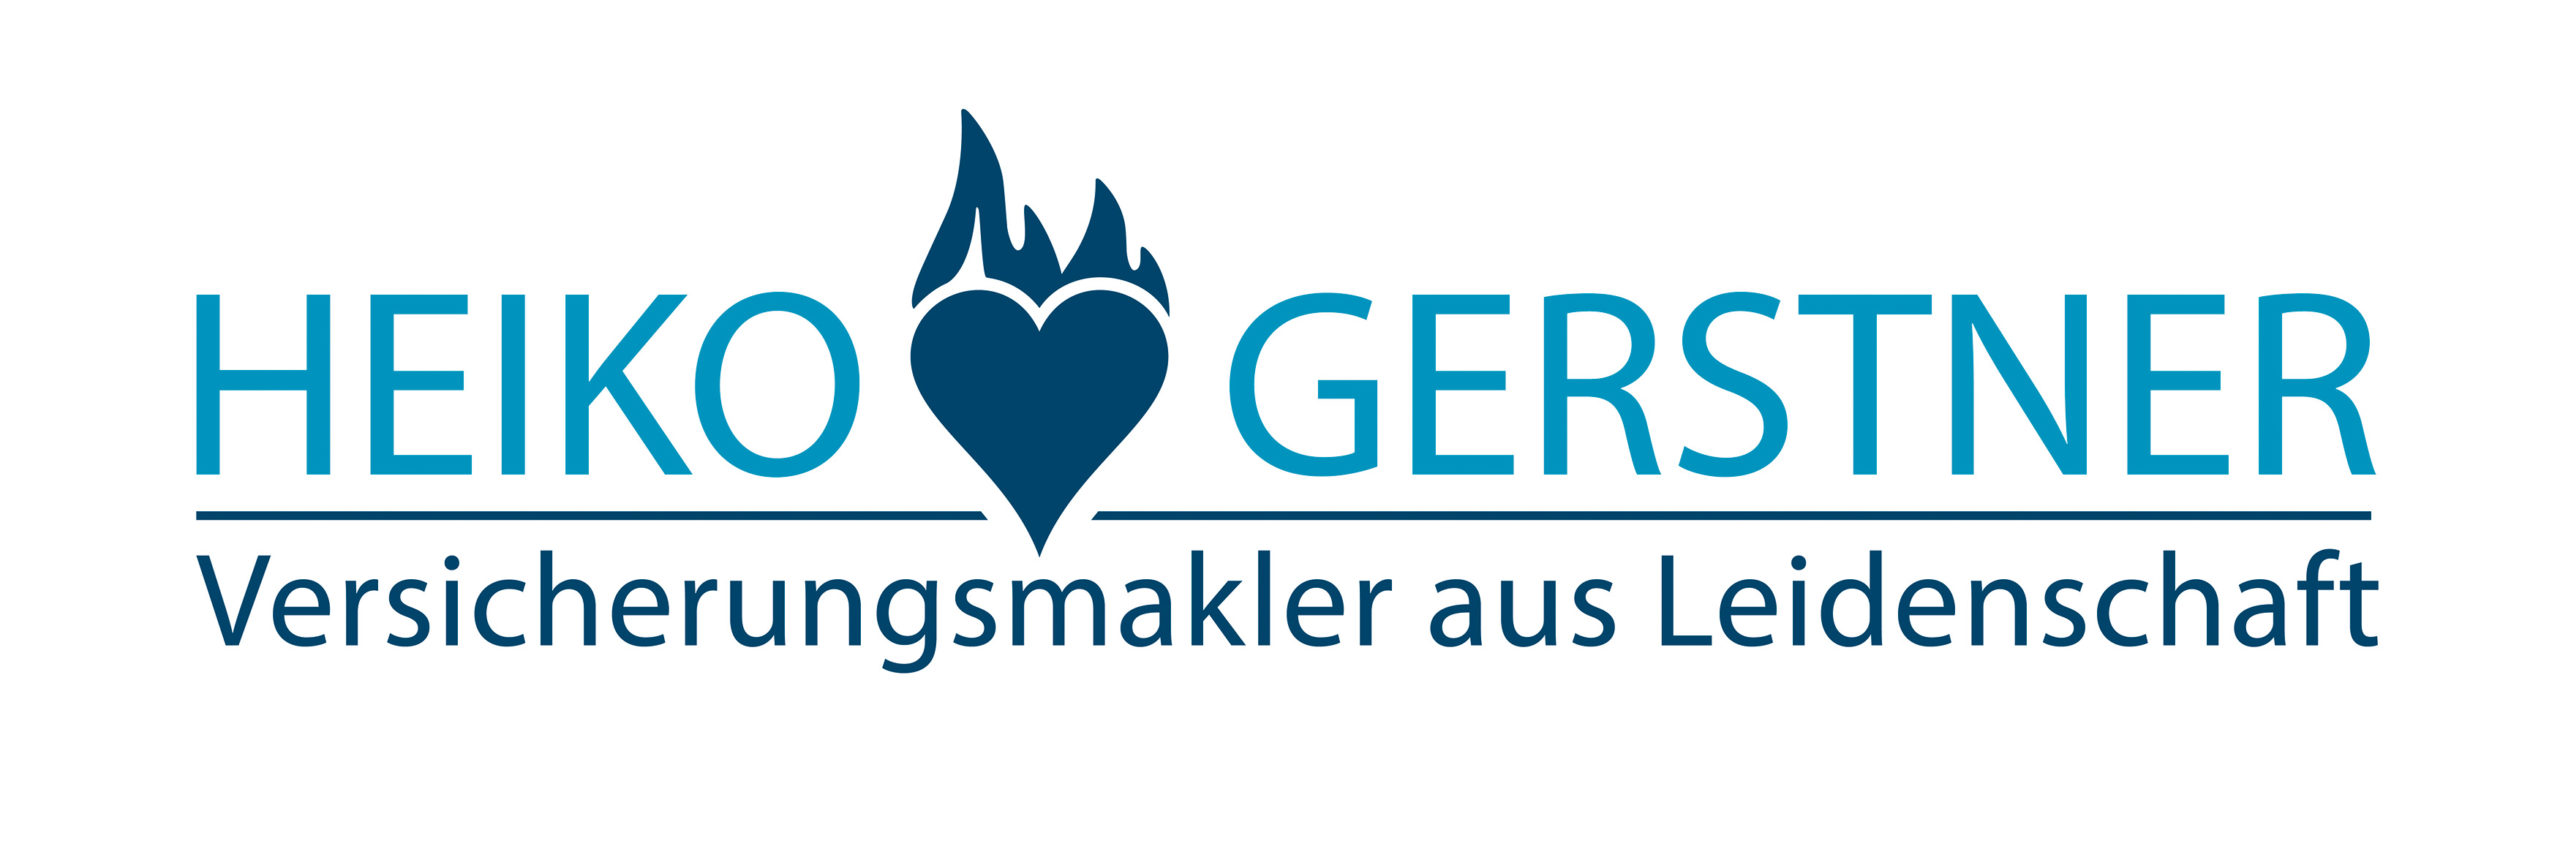 Heiko Gerstner Versicherungsmakler aus Leidenschaft